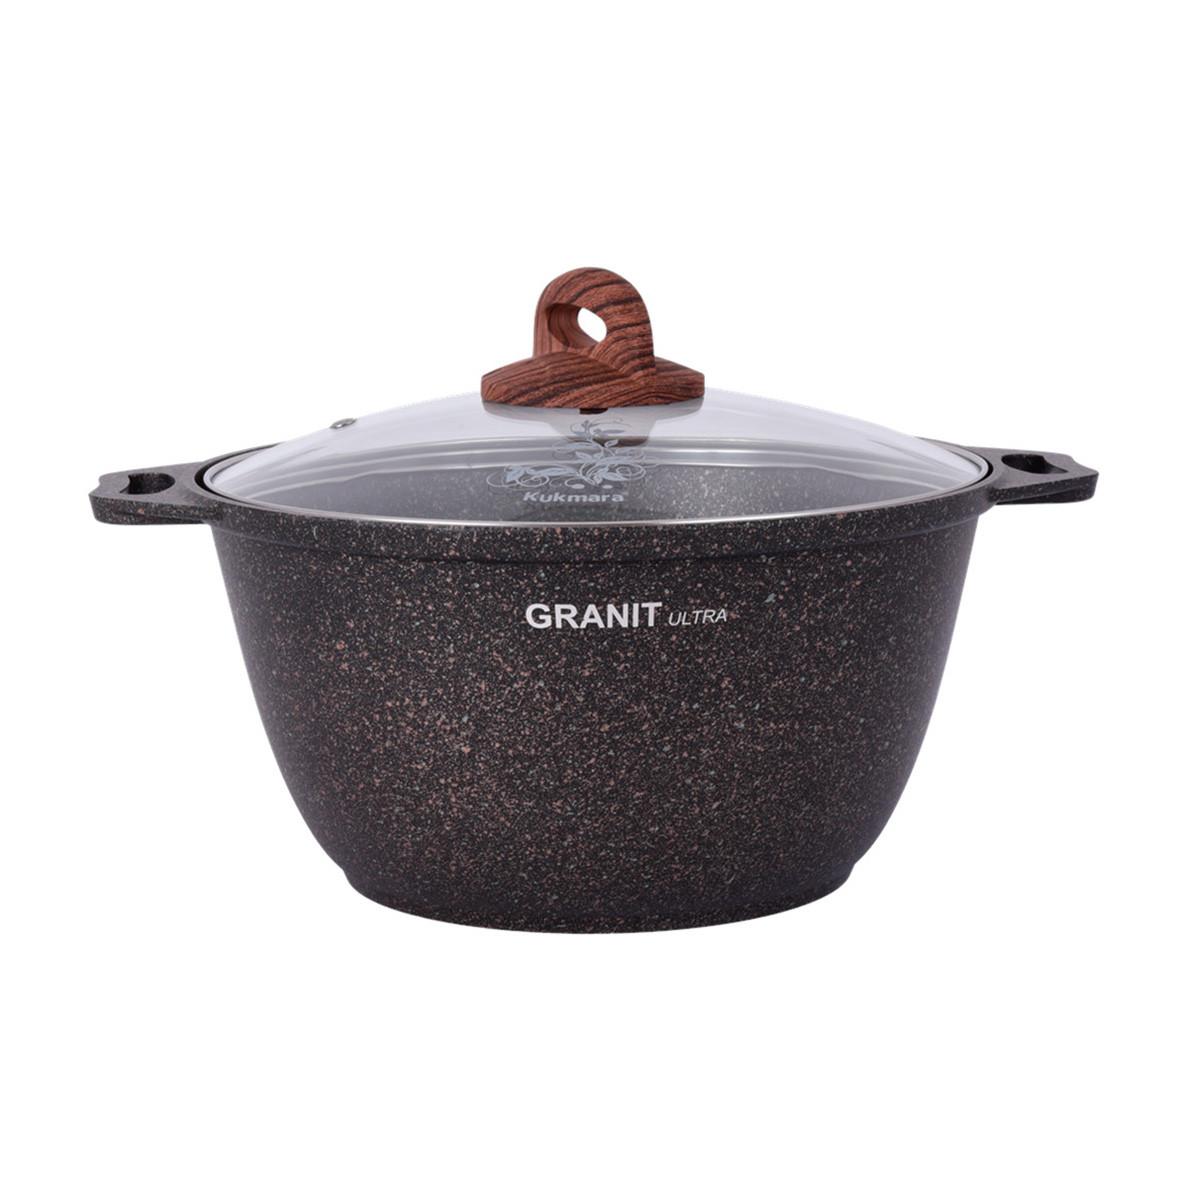 """Кастрюля 6 литров со стеклянной крышкой, """"Granit ultra"""""""